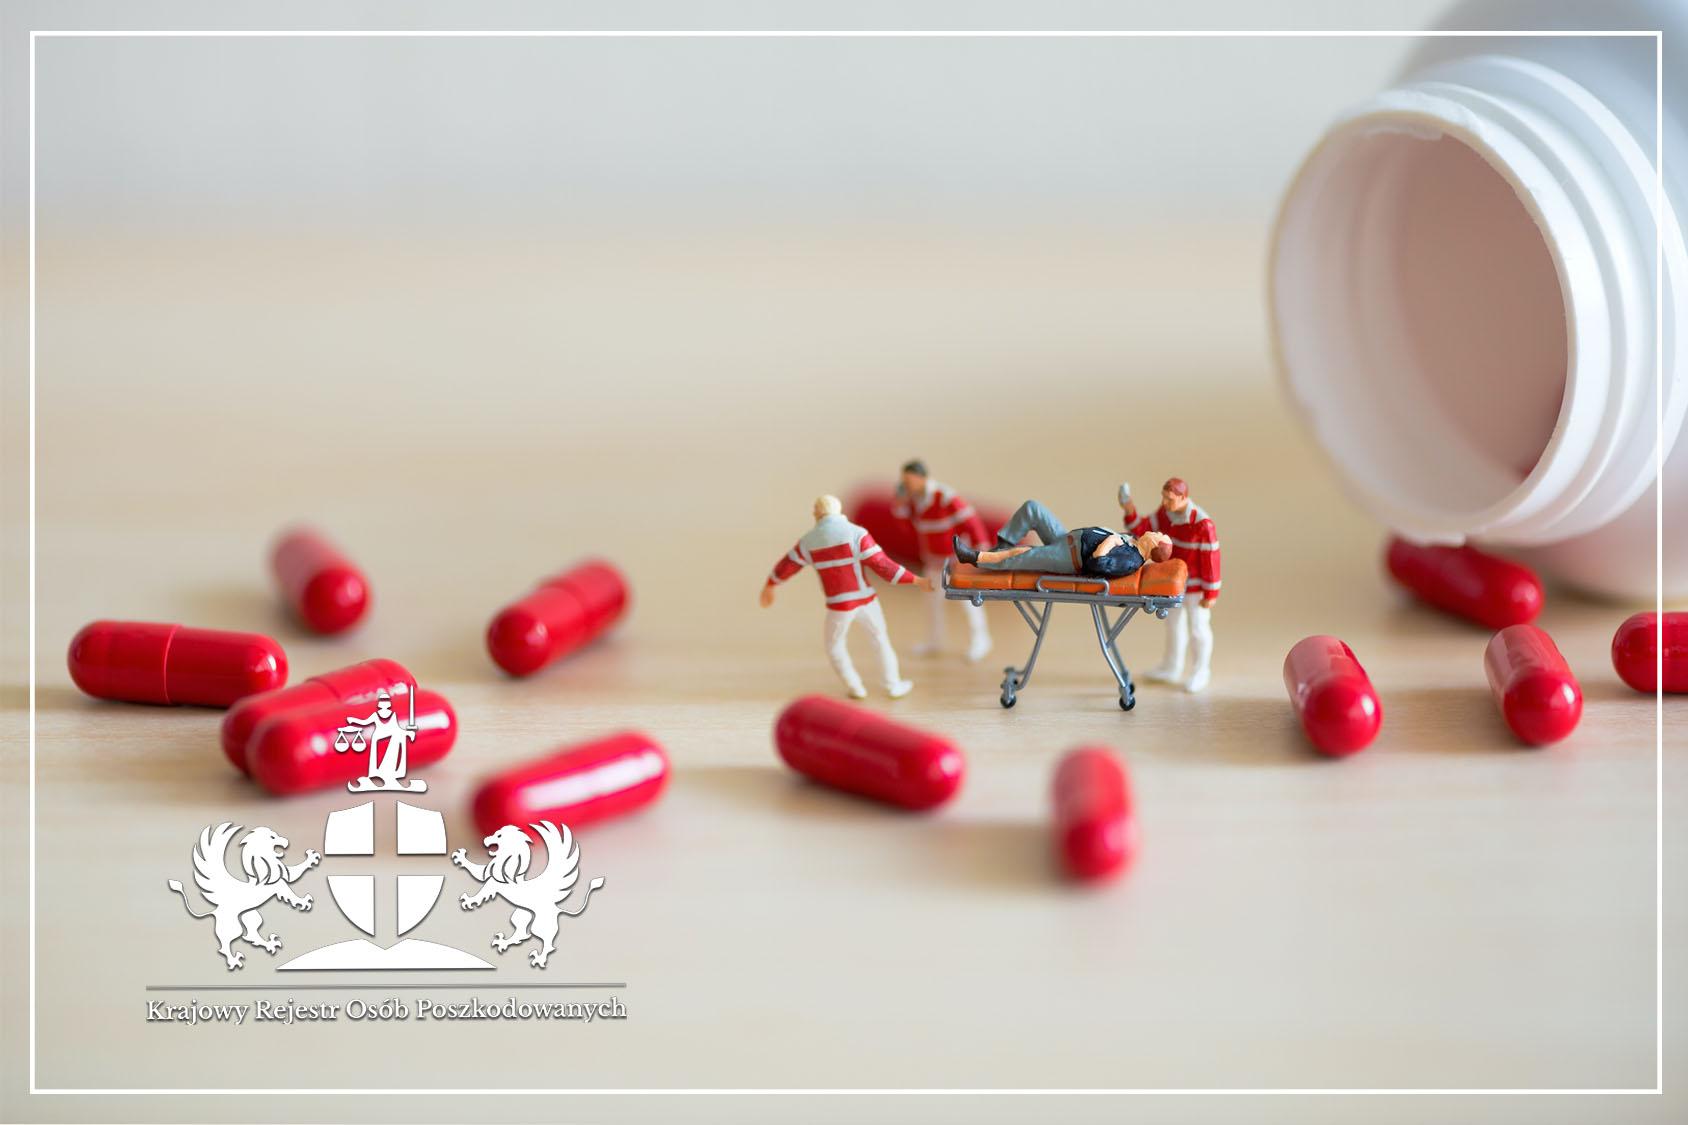 Błąd w podaniu leków